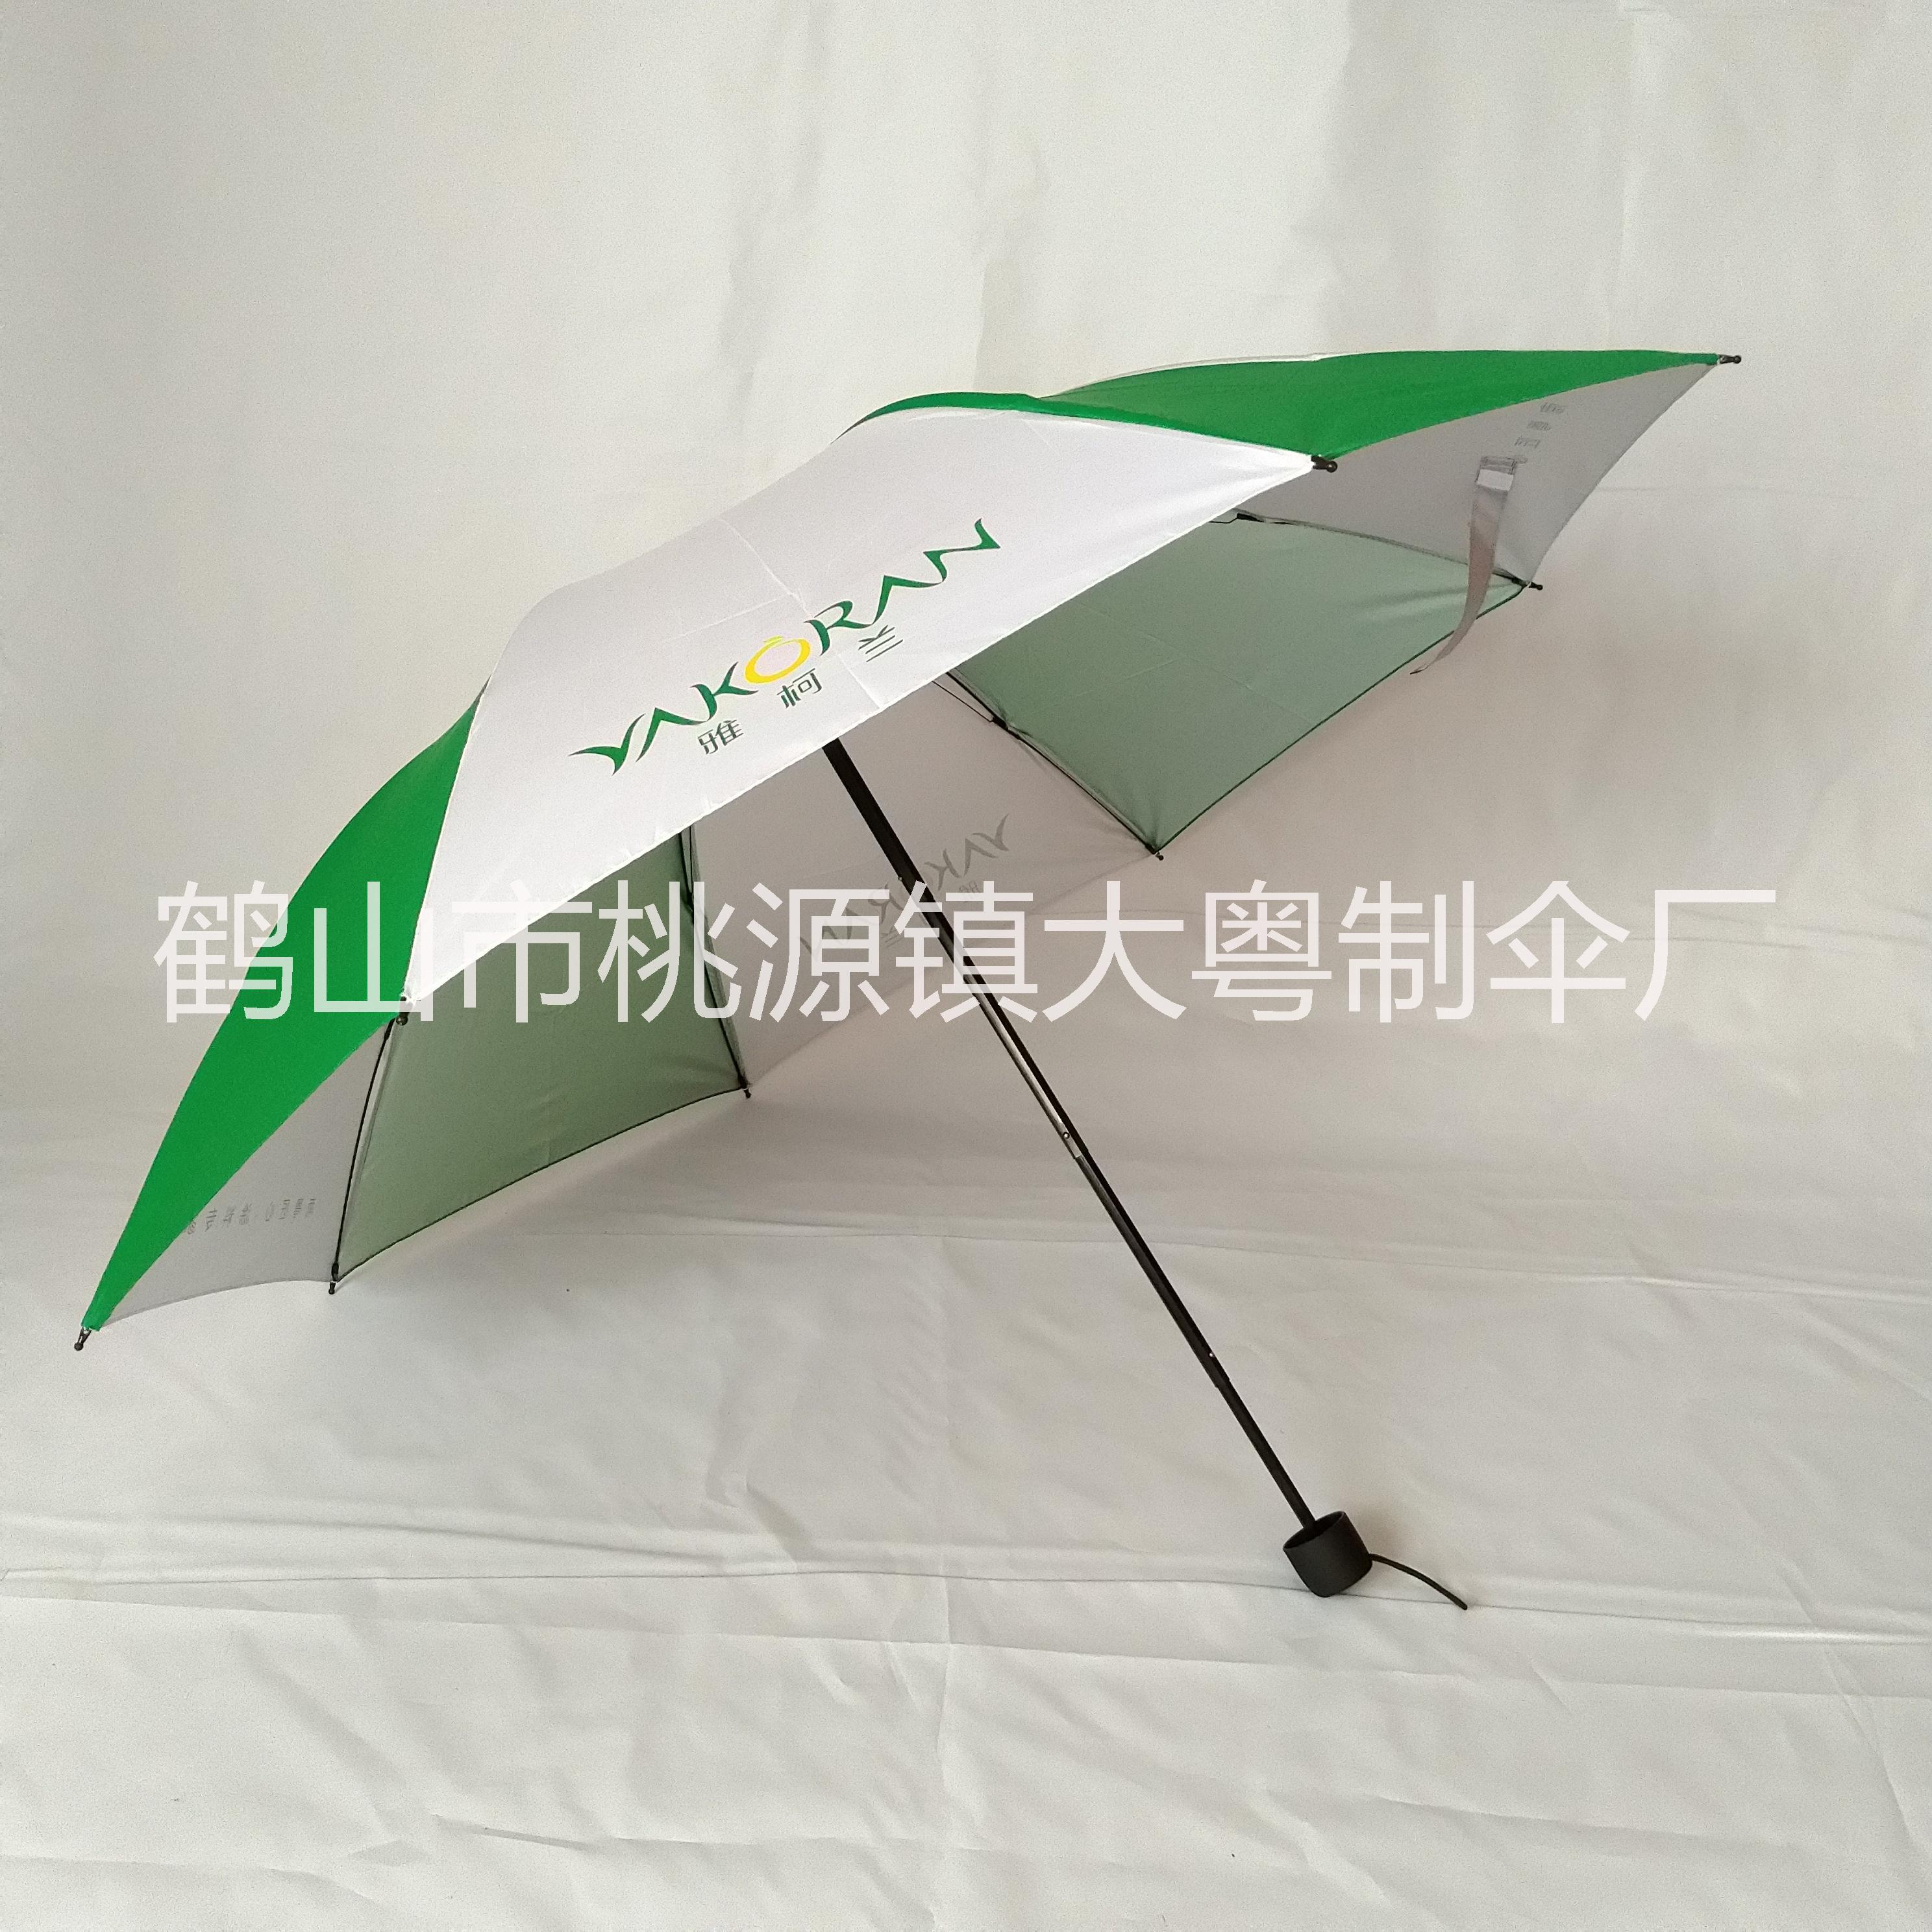 广州雨伞厂家批发 促销雨伞定做工厂 广告雨伞价格 防晒雨伞印刷广告 广告雨伞印刷厂家